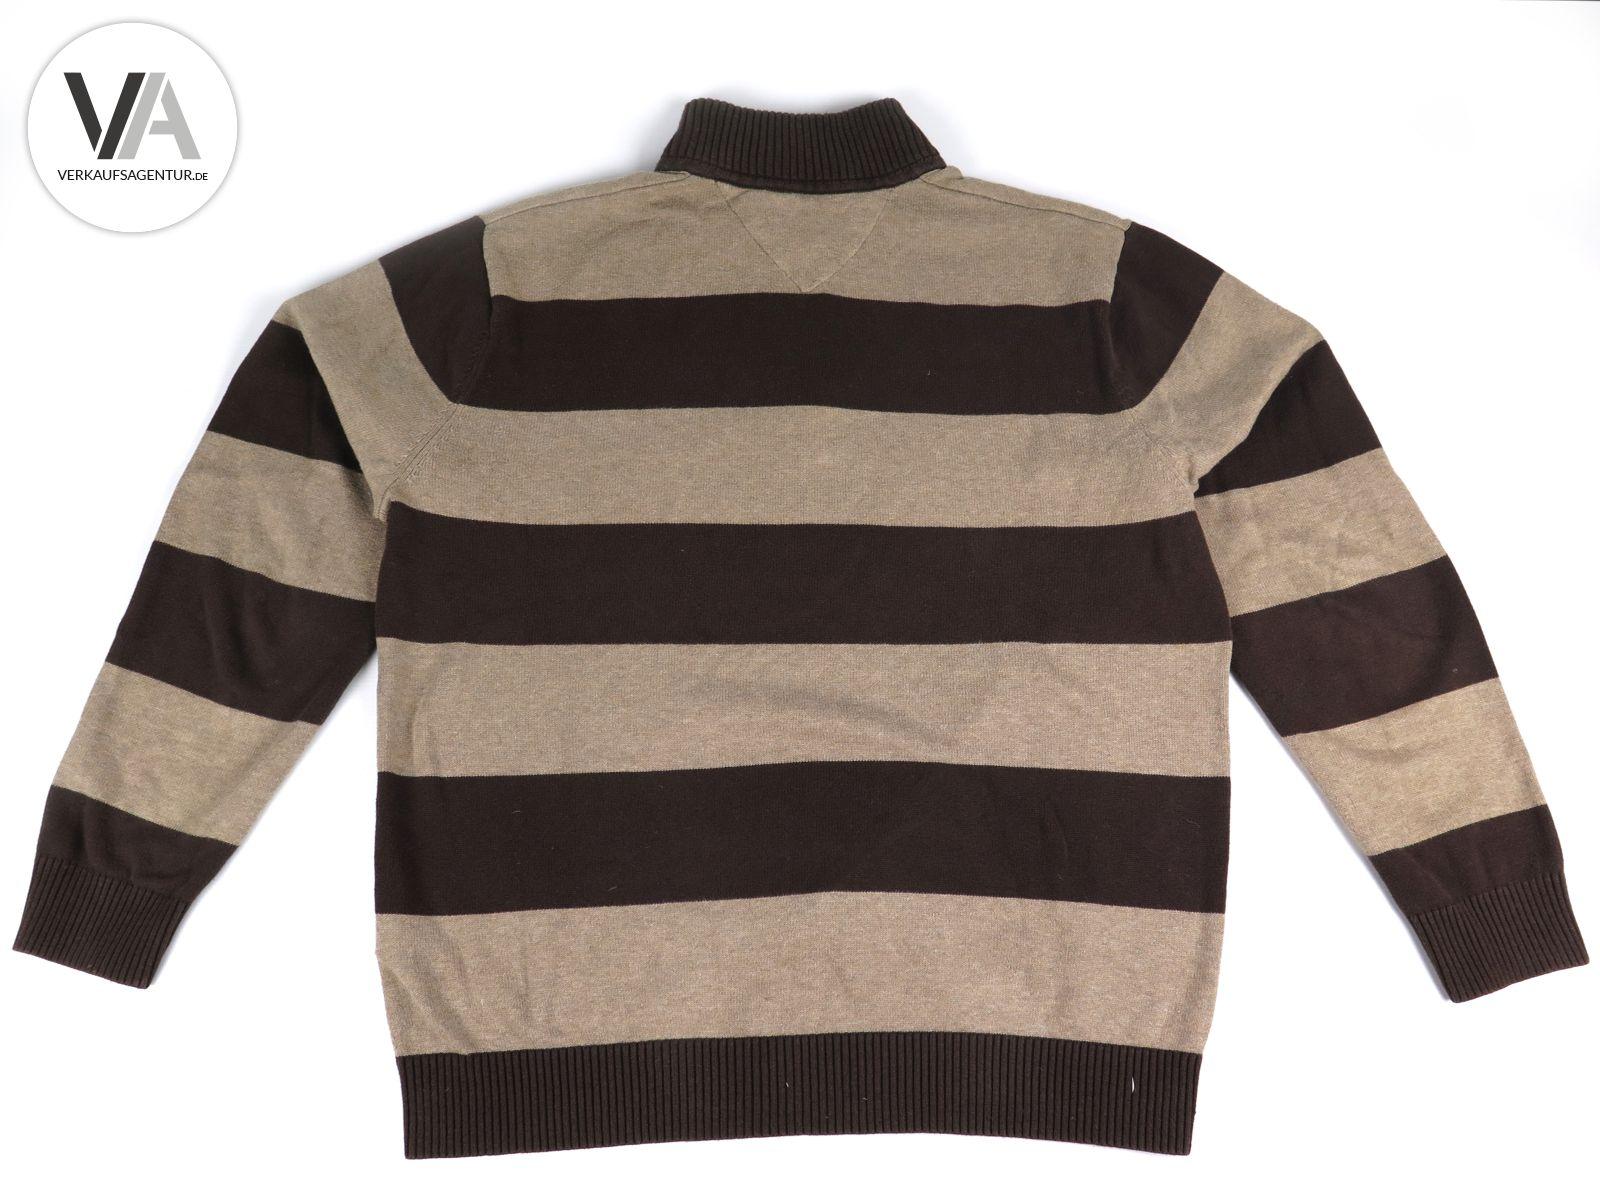 Details zu Tommy Hilfiger Herrenpullover Pulli Feinstrick Baumwolle braunbeige gestreift L